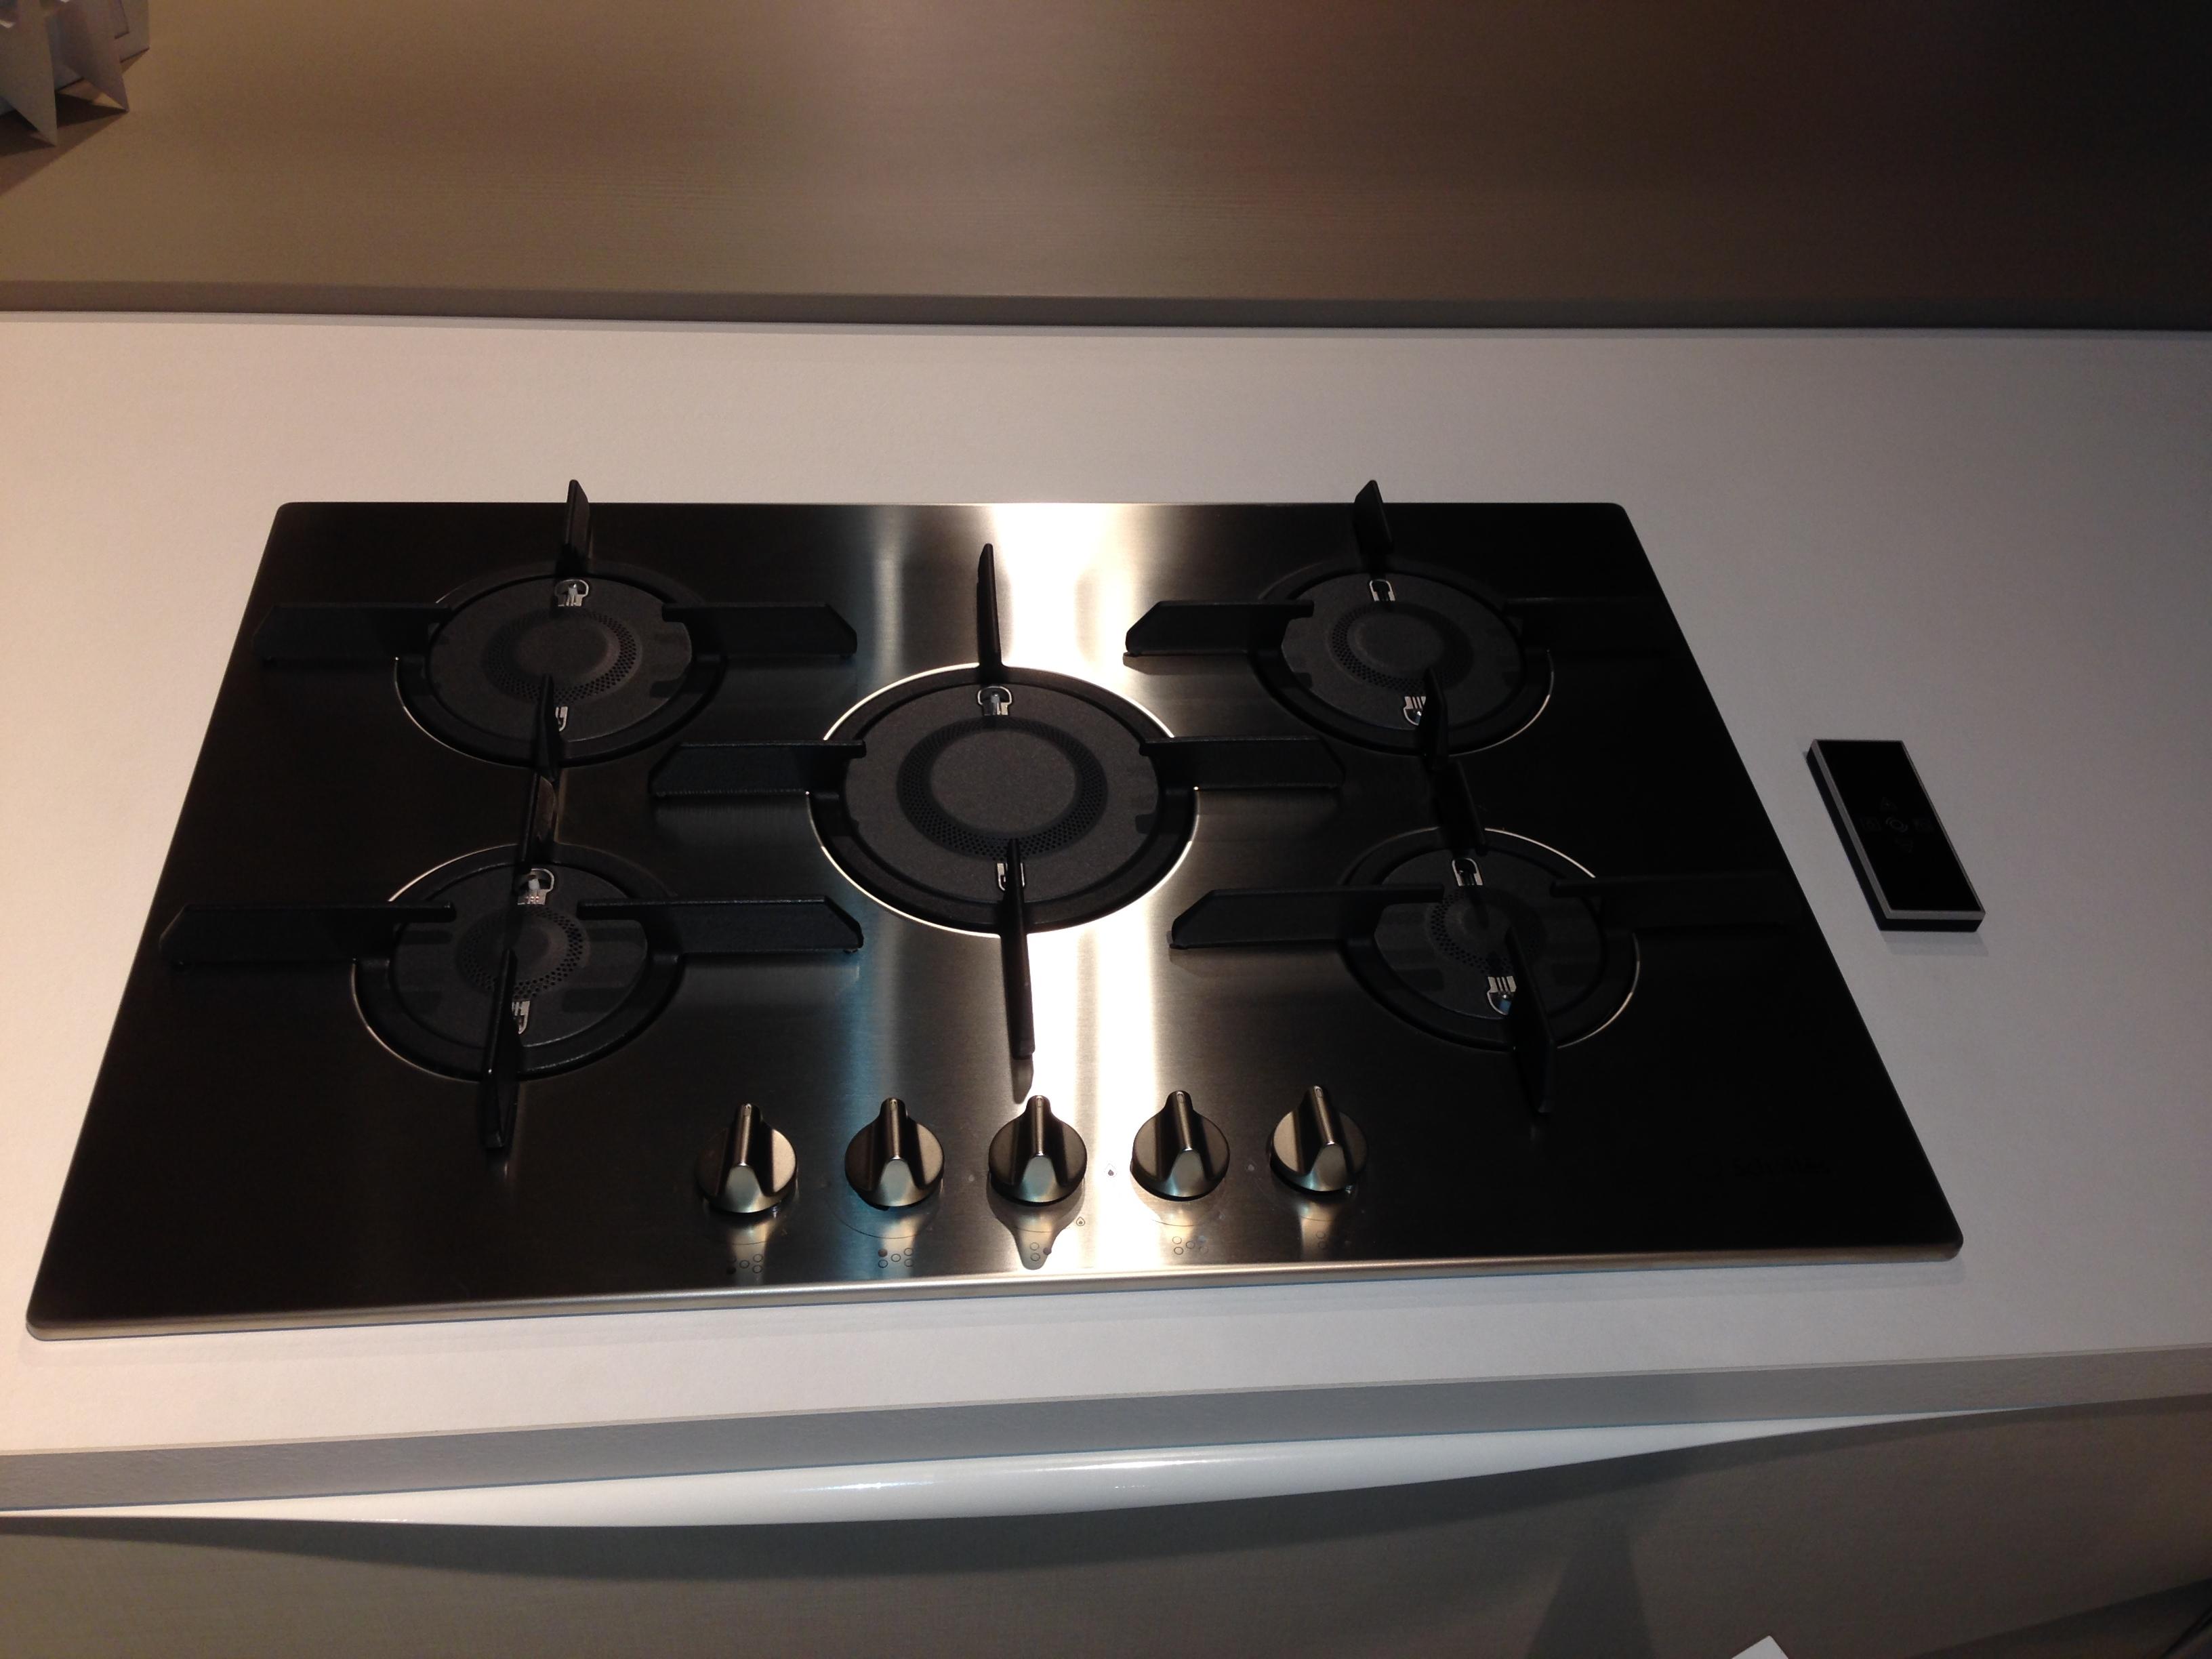 Cucina free copat in offerta cucine a prezzi scontati for Direct flame